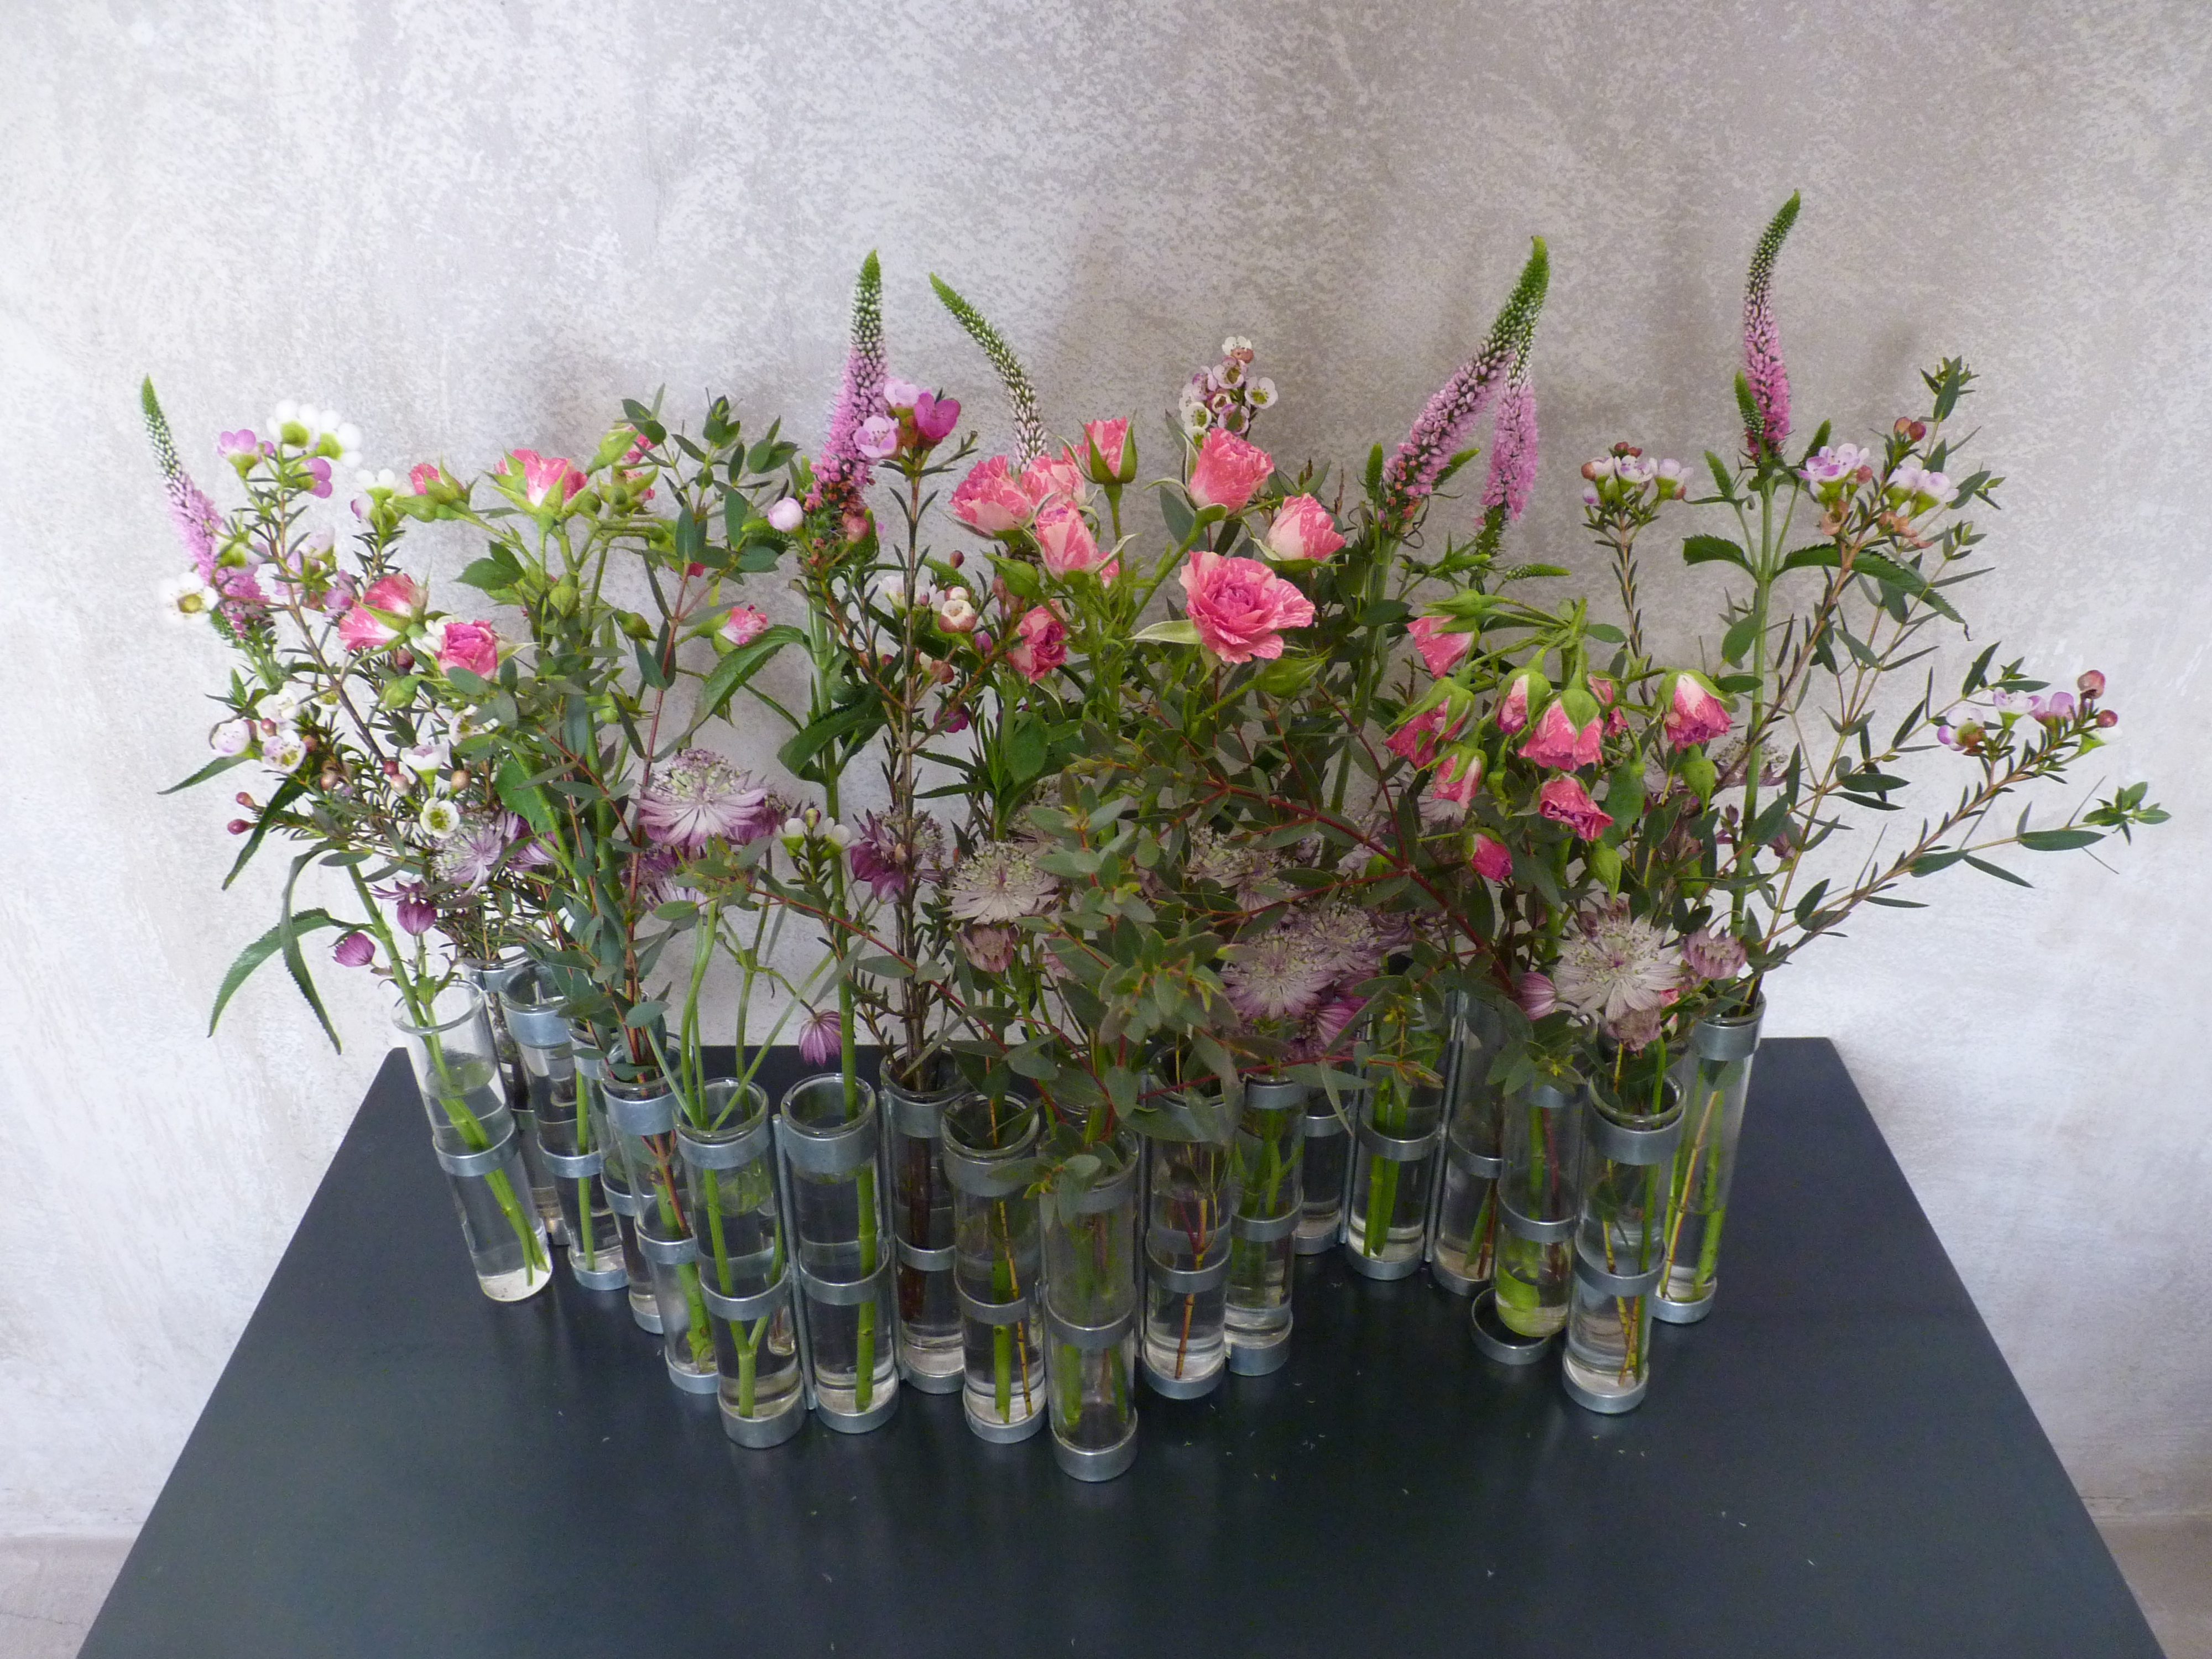 Tse Tse flower vase – The Scoop DXB